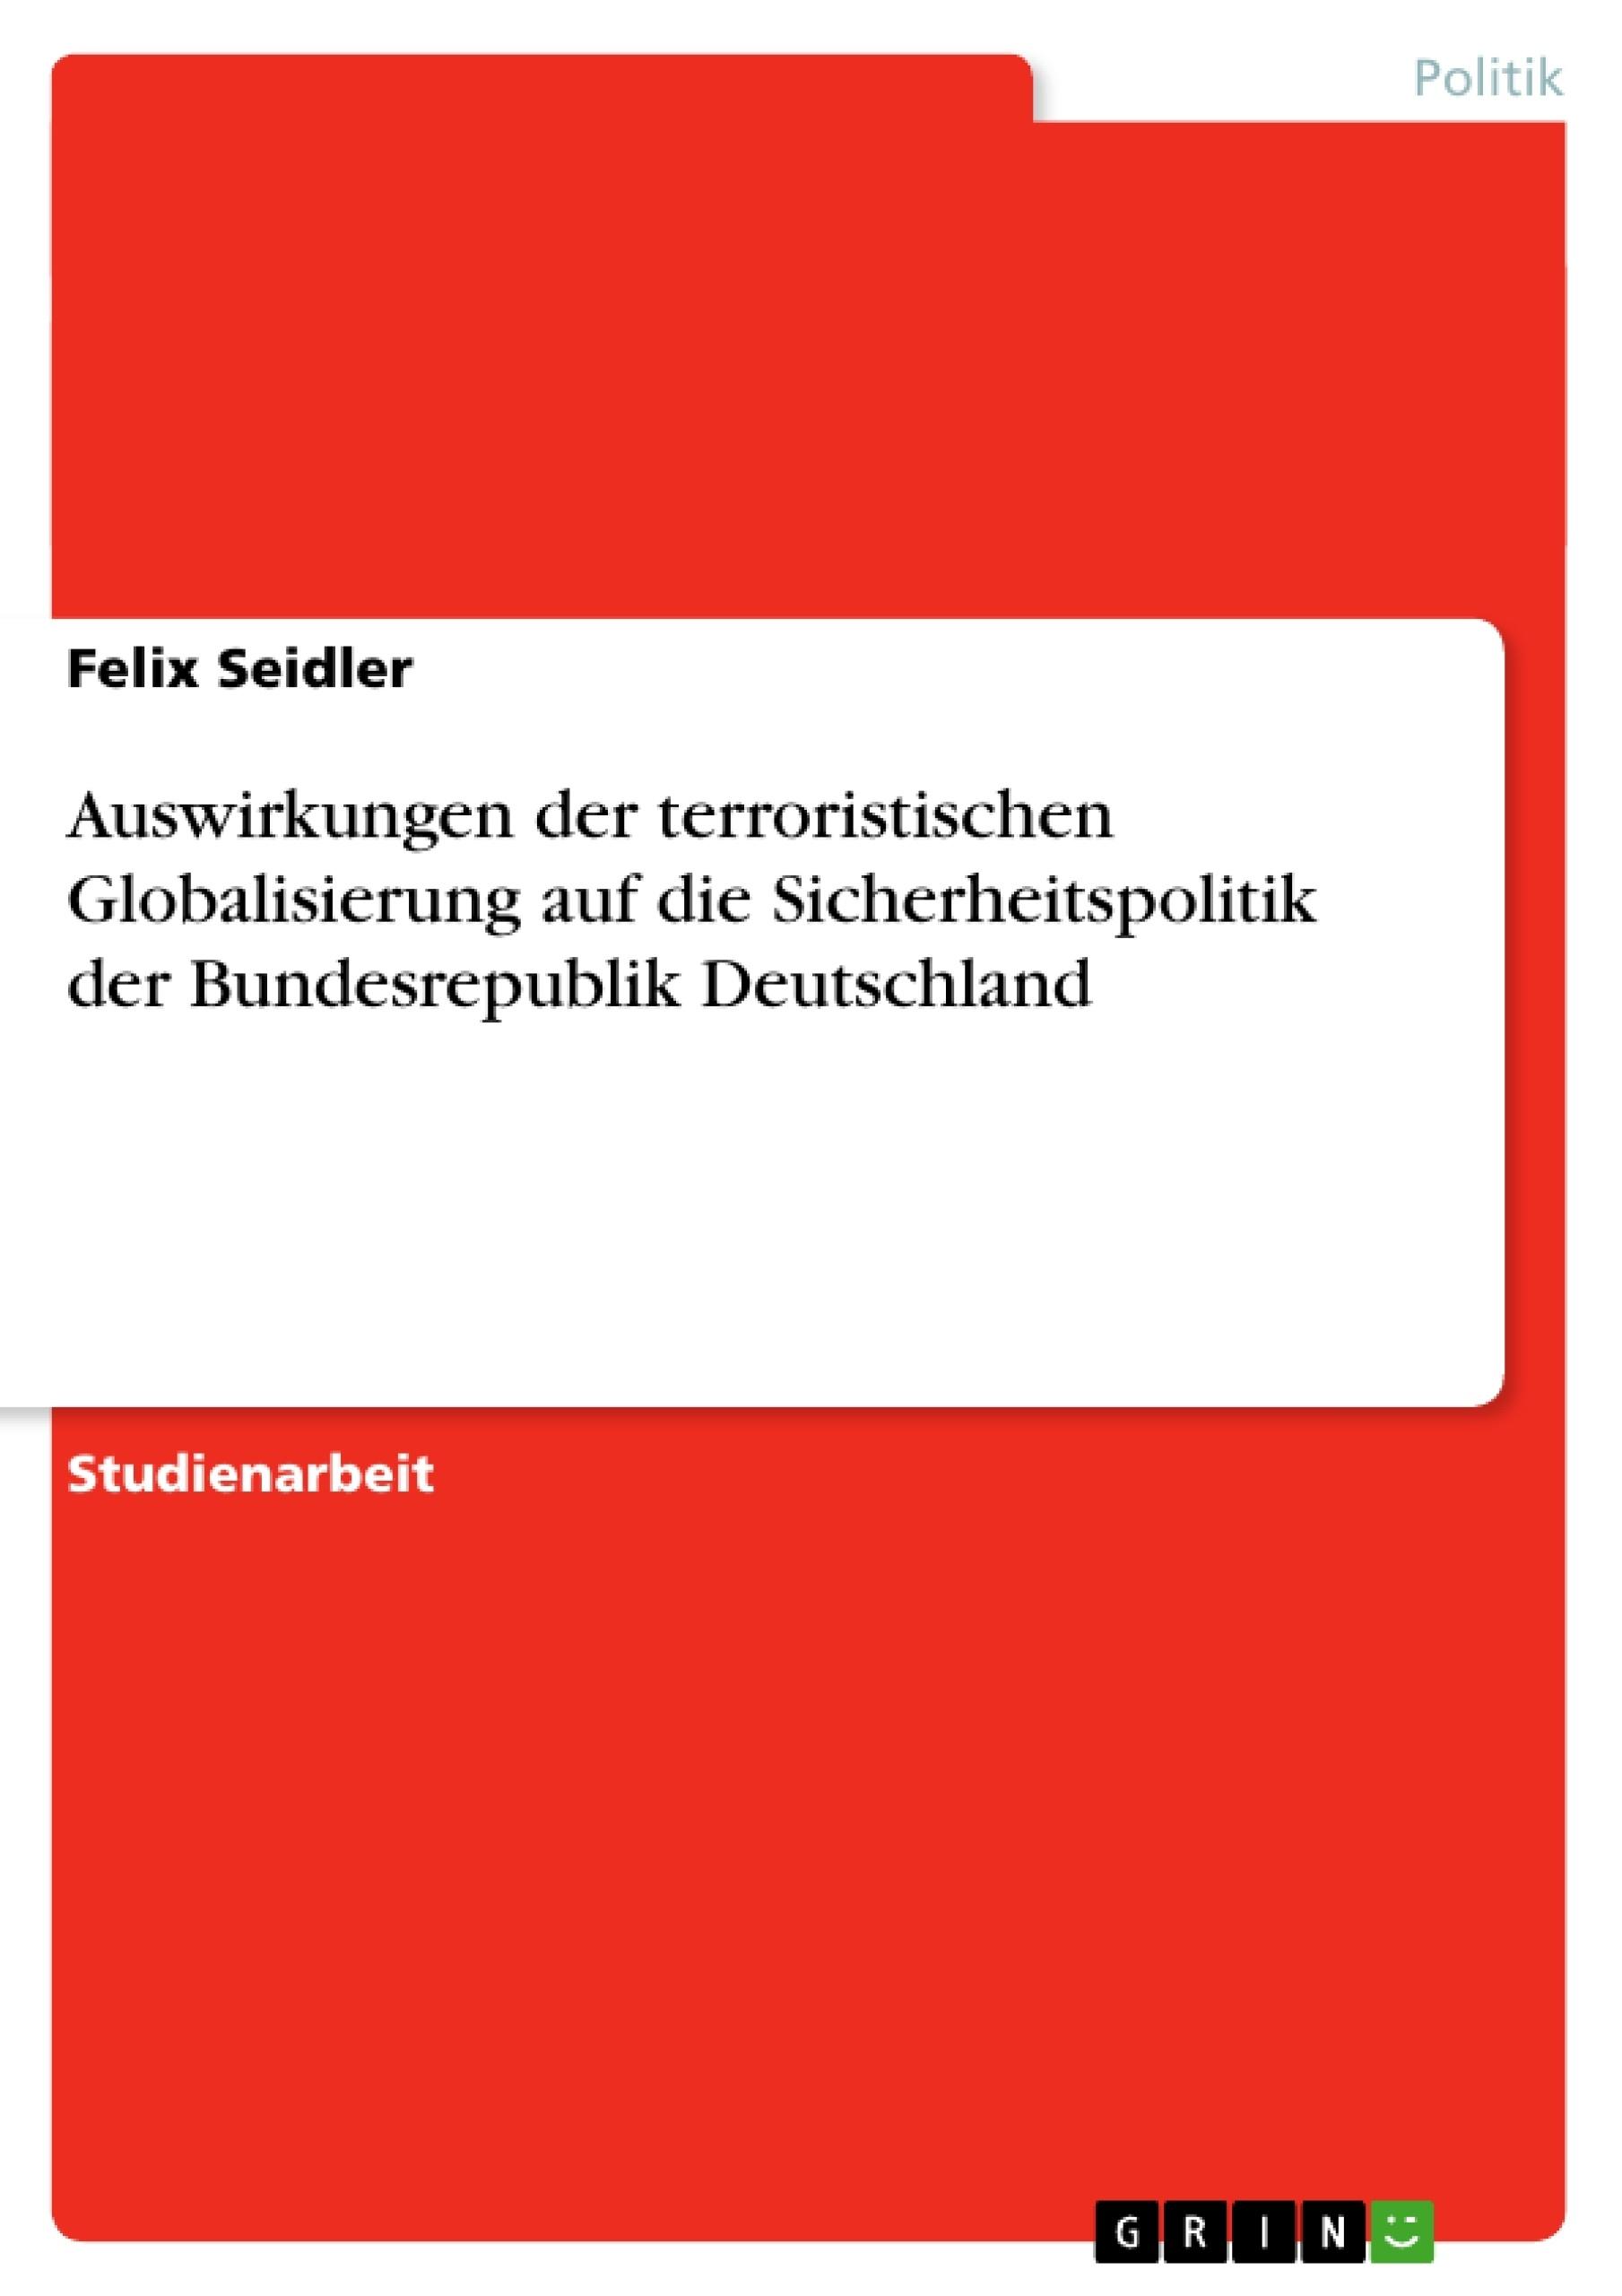 Titel: Auswirkungen der terroristischen Globalisierung auf die Sicherheitspolitik der Bundesrepublik Deutschland